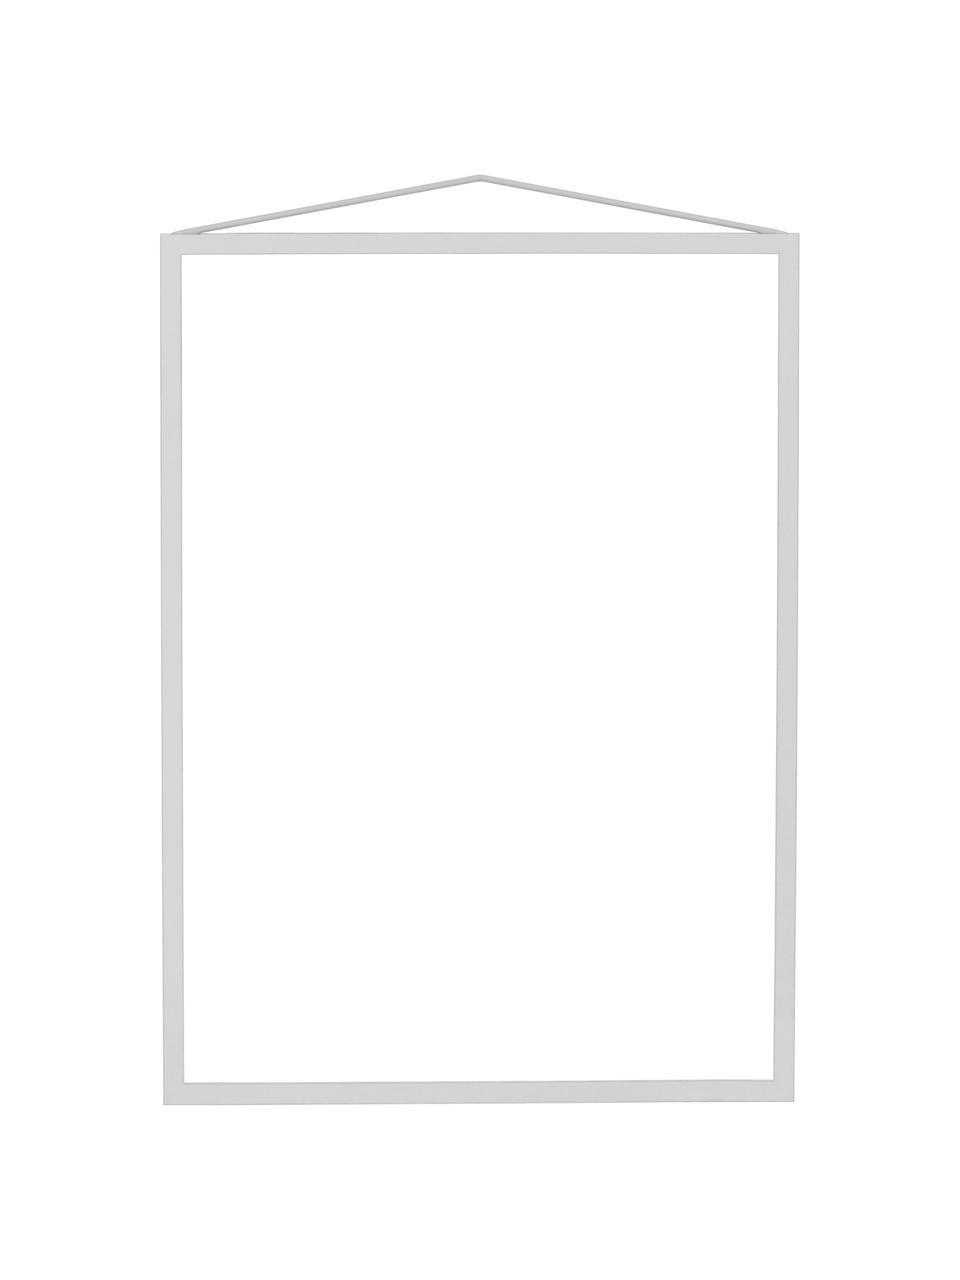 Ramka na zdjęcia Colour Frame, Szary, 30 x 42 cm